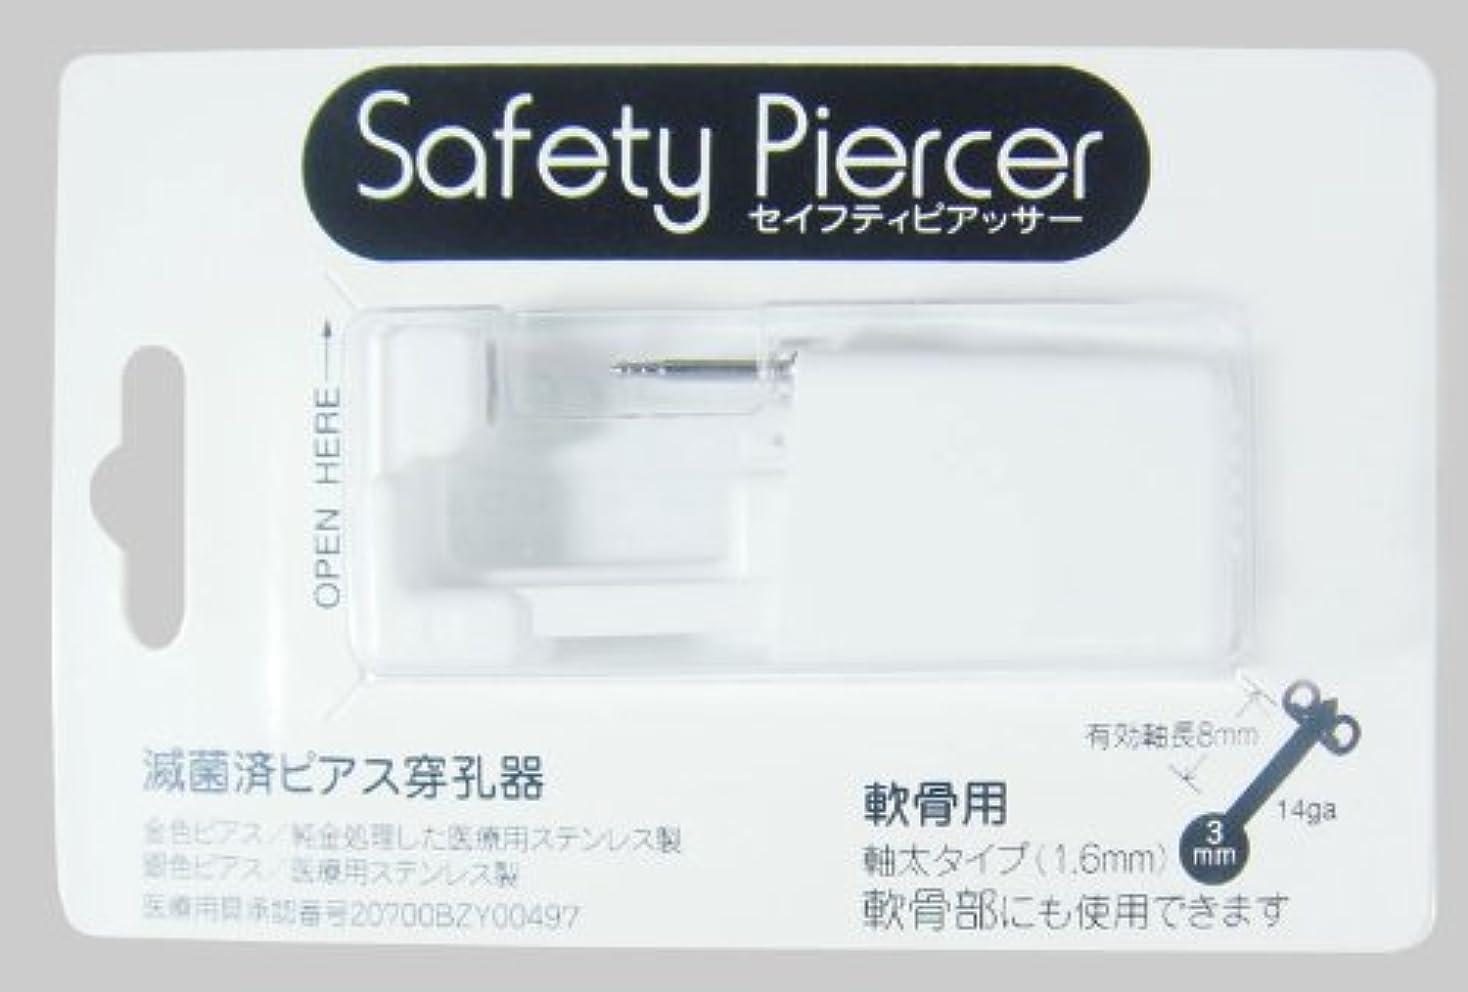 傾いた習慣要求セイフティピアッサー シルバー (軟骨用軸太タイプ ボール 医療用ステンレス) 3mm 5M300WC